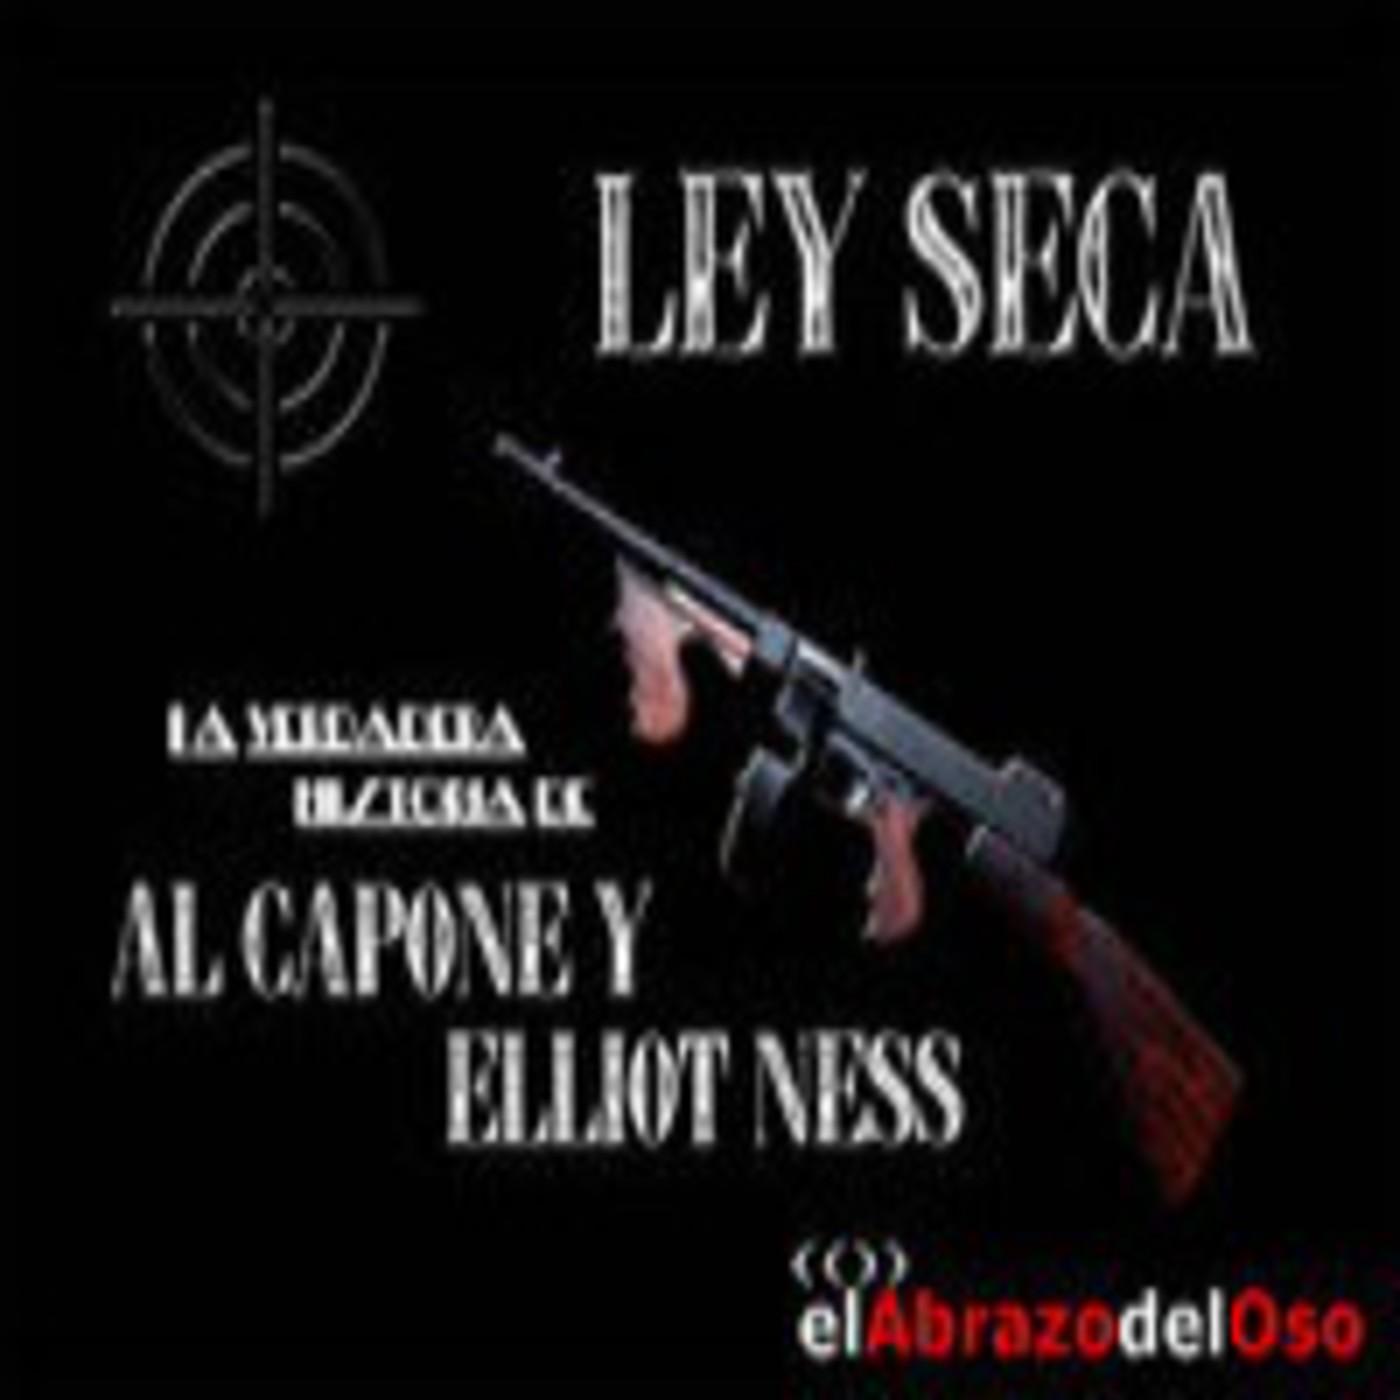 El Abrazo del Oso - Ley Seca: La verdadera historia de Al Capone y Elliot Ness